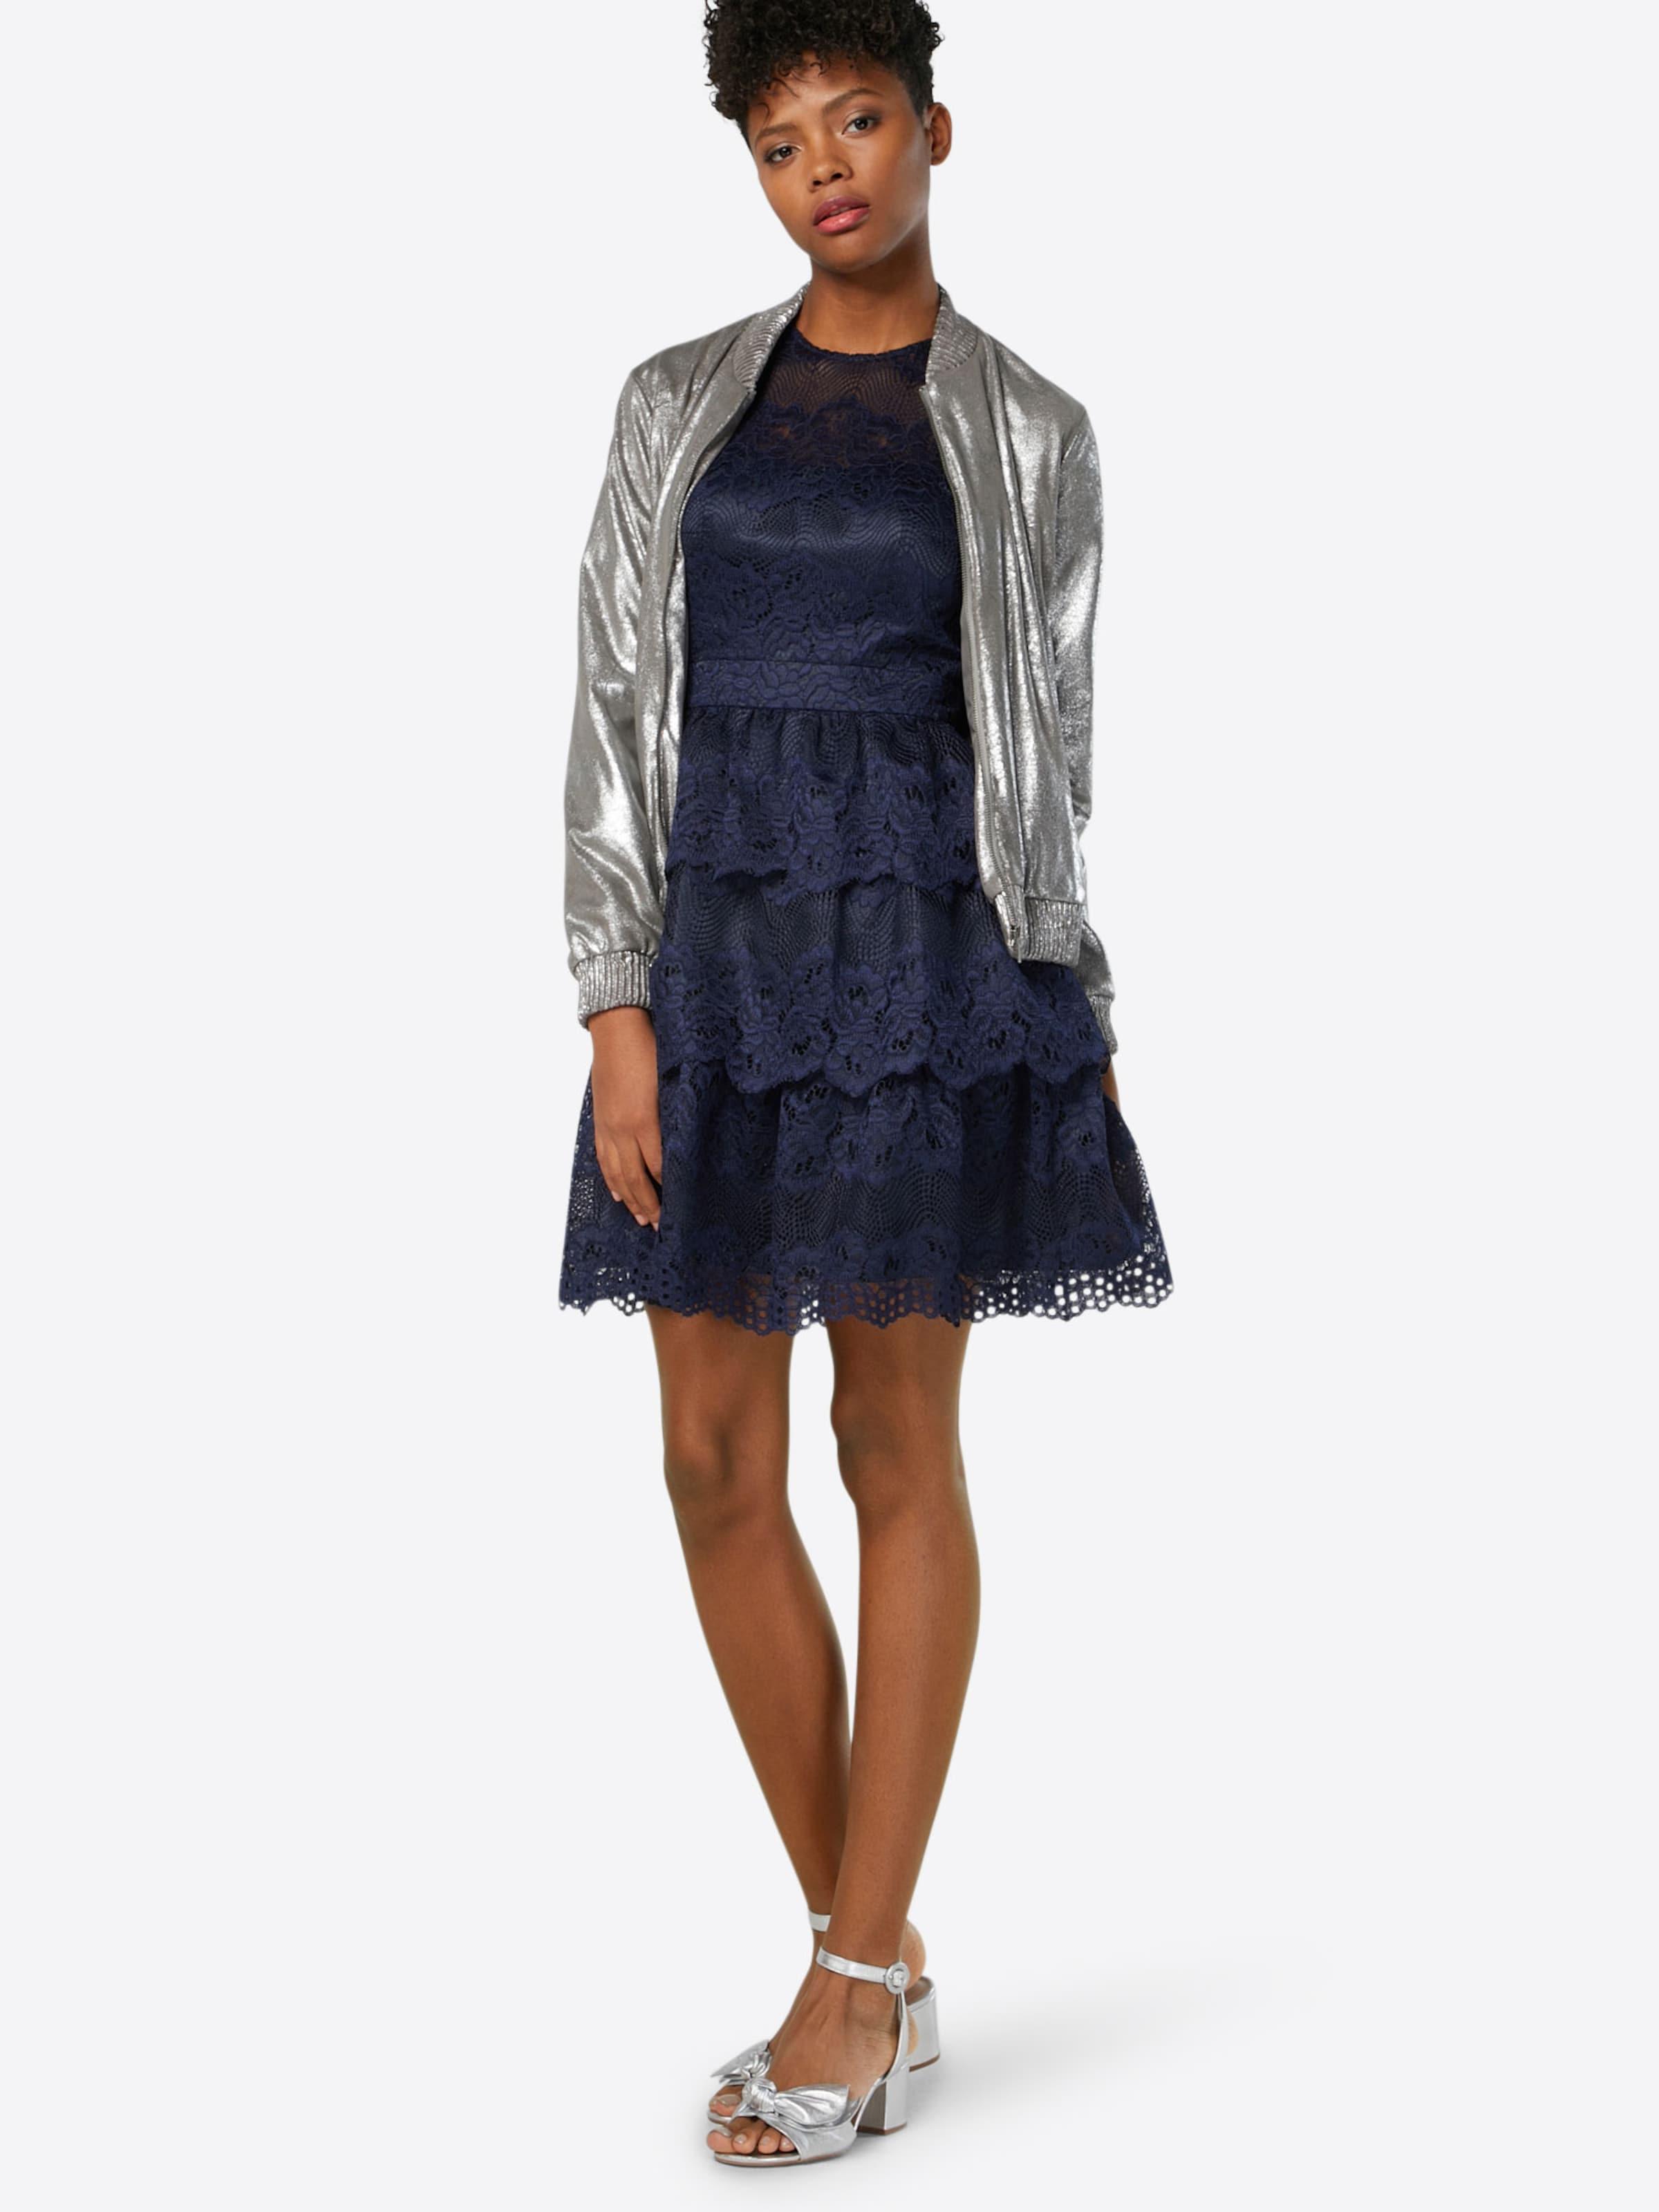 Laona Kleid mit Spitze Günstig Kaufen Sammlungen Billig 100% Authentisch Billig Kaufen Shop Billig Verkauf Echten Billige Footaction S8SsGLsD